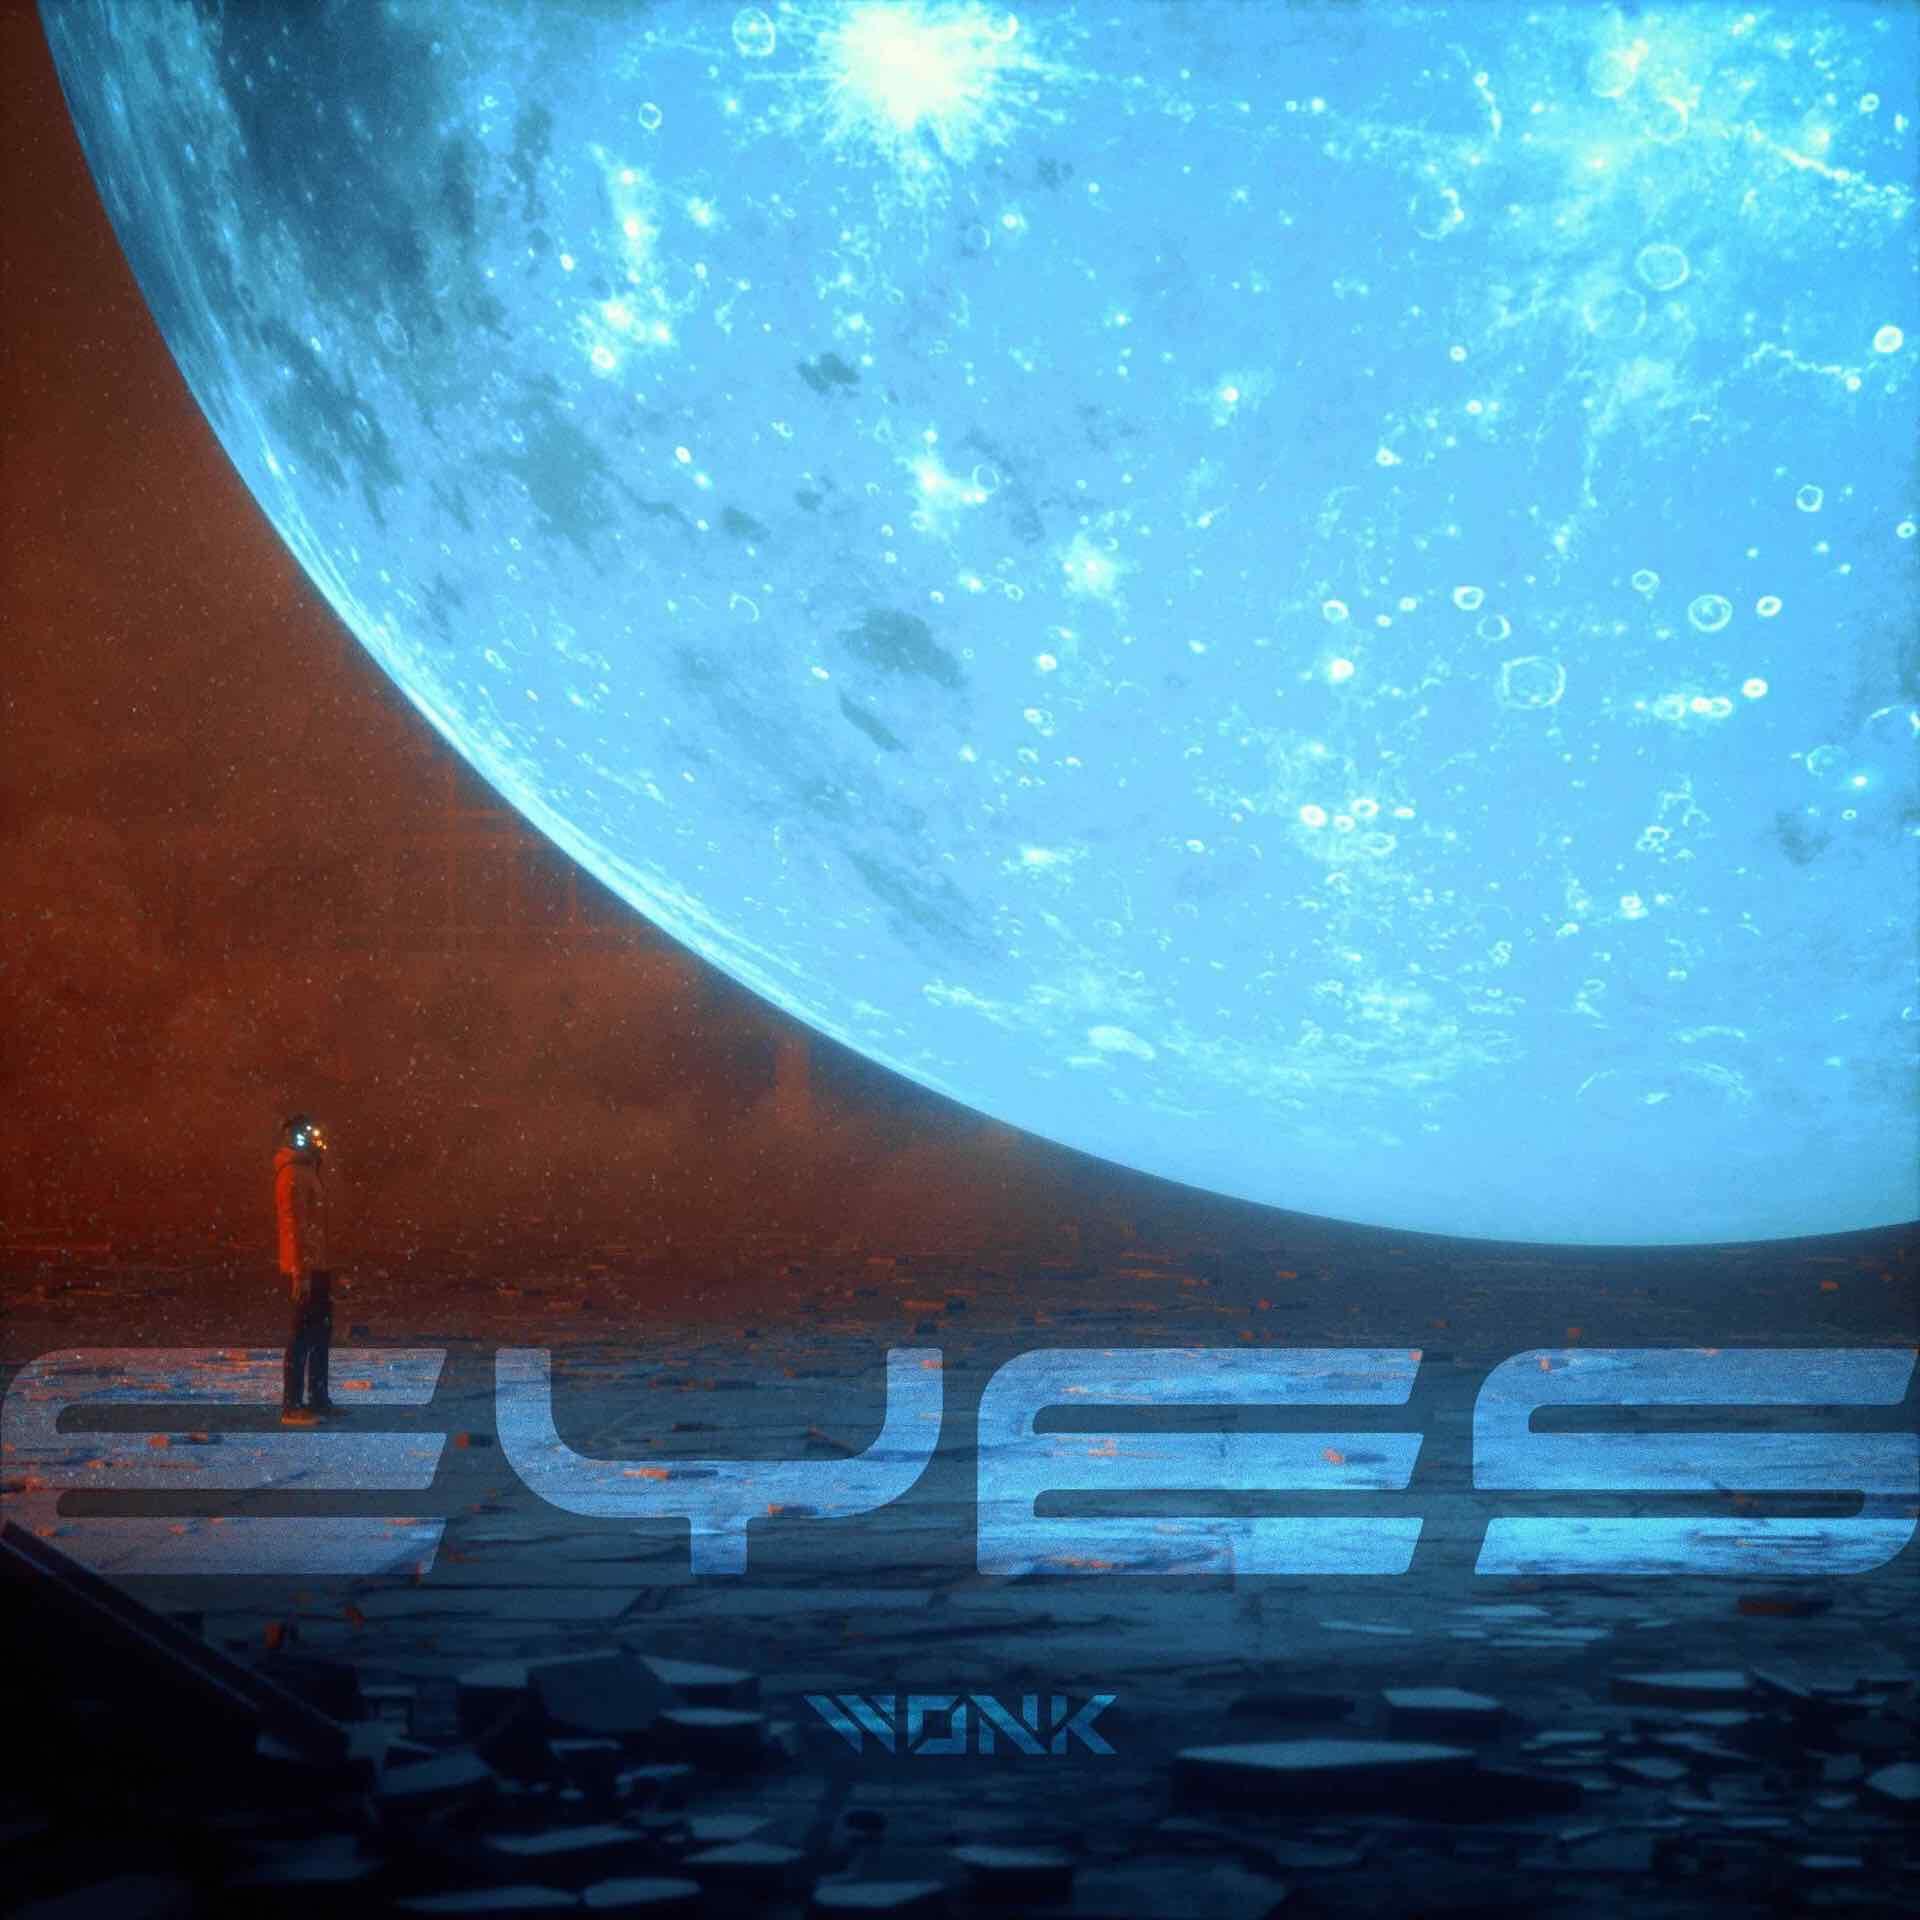 """WONKがニューアルバム『EYES』より""""Rollin'""""の3D CGオーディオビジュアルを公開!NHKにてTV初パフォーマンスも music200611_wonk_04"""